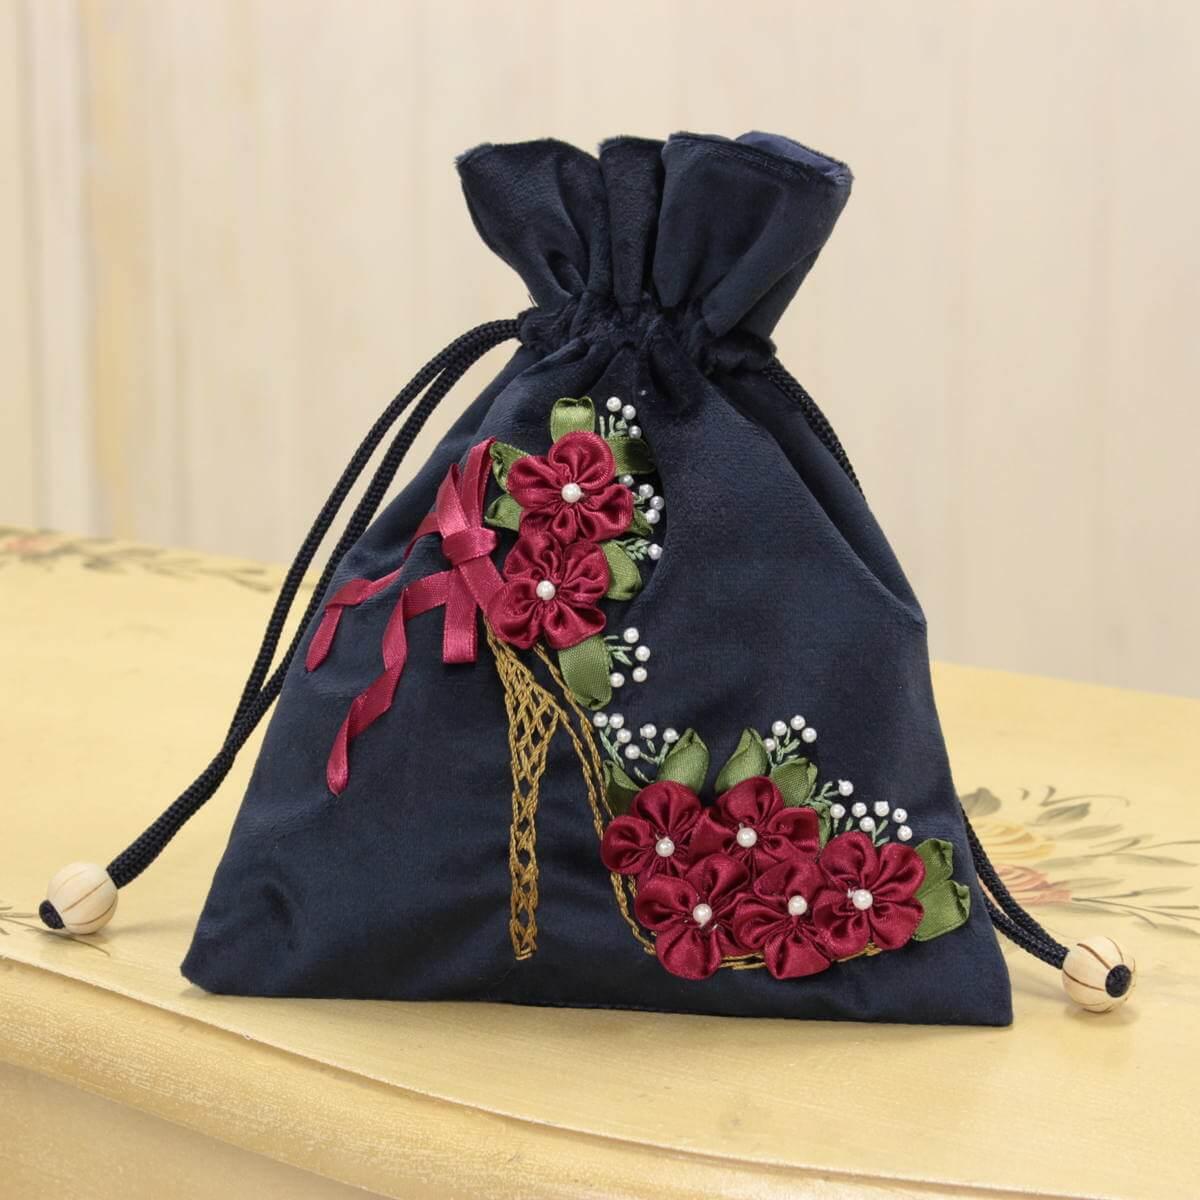 リボン刺しゅう シーナ シリーズの巾着です。